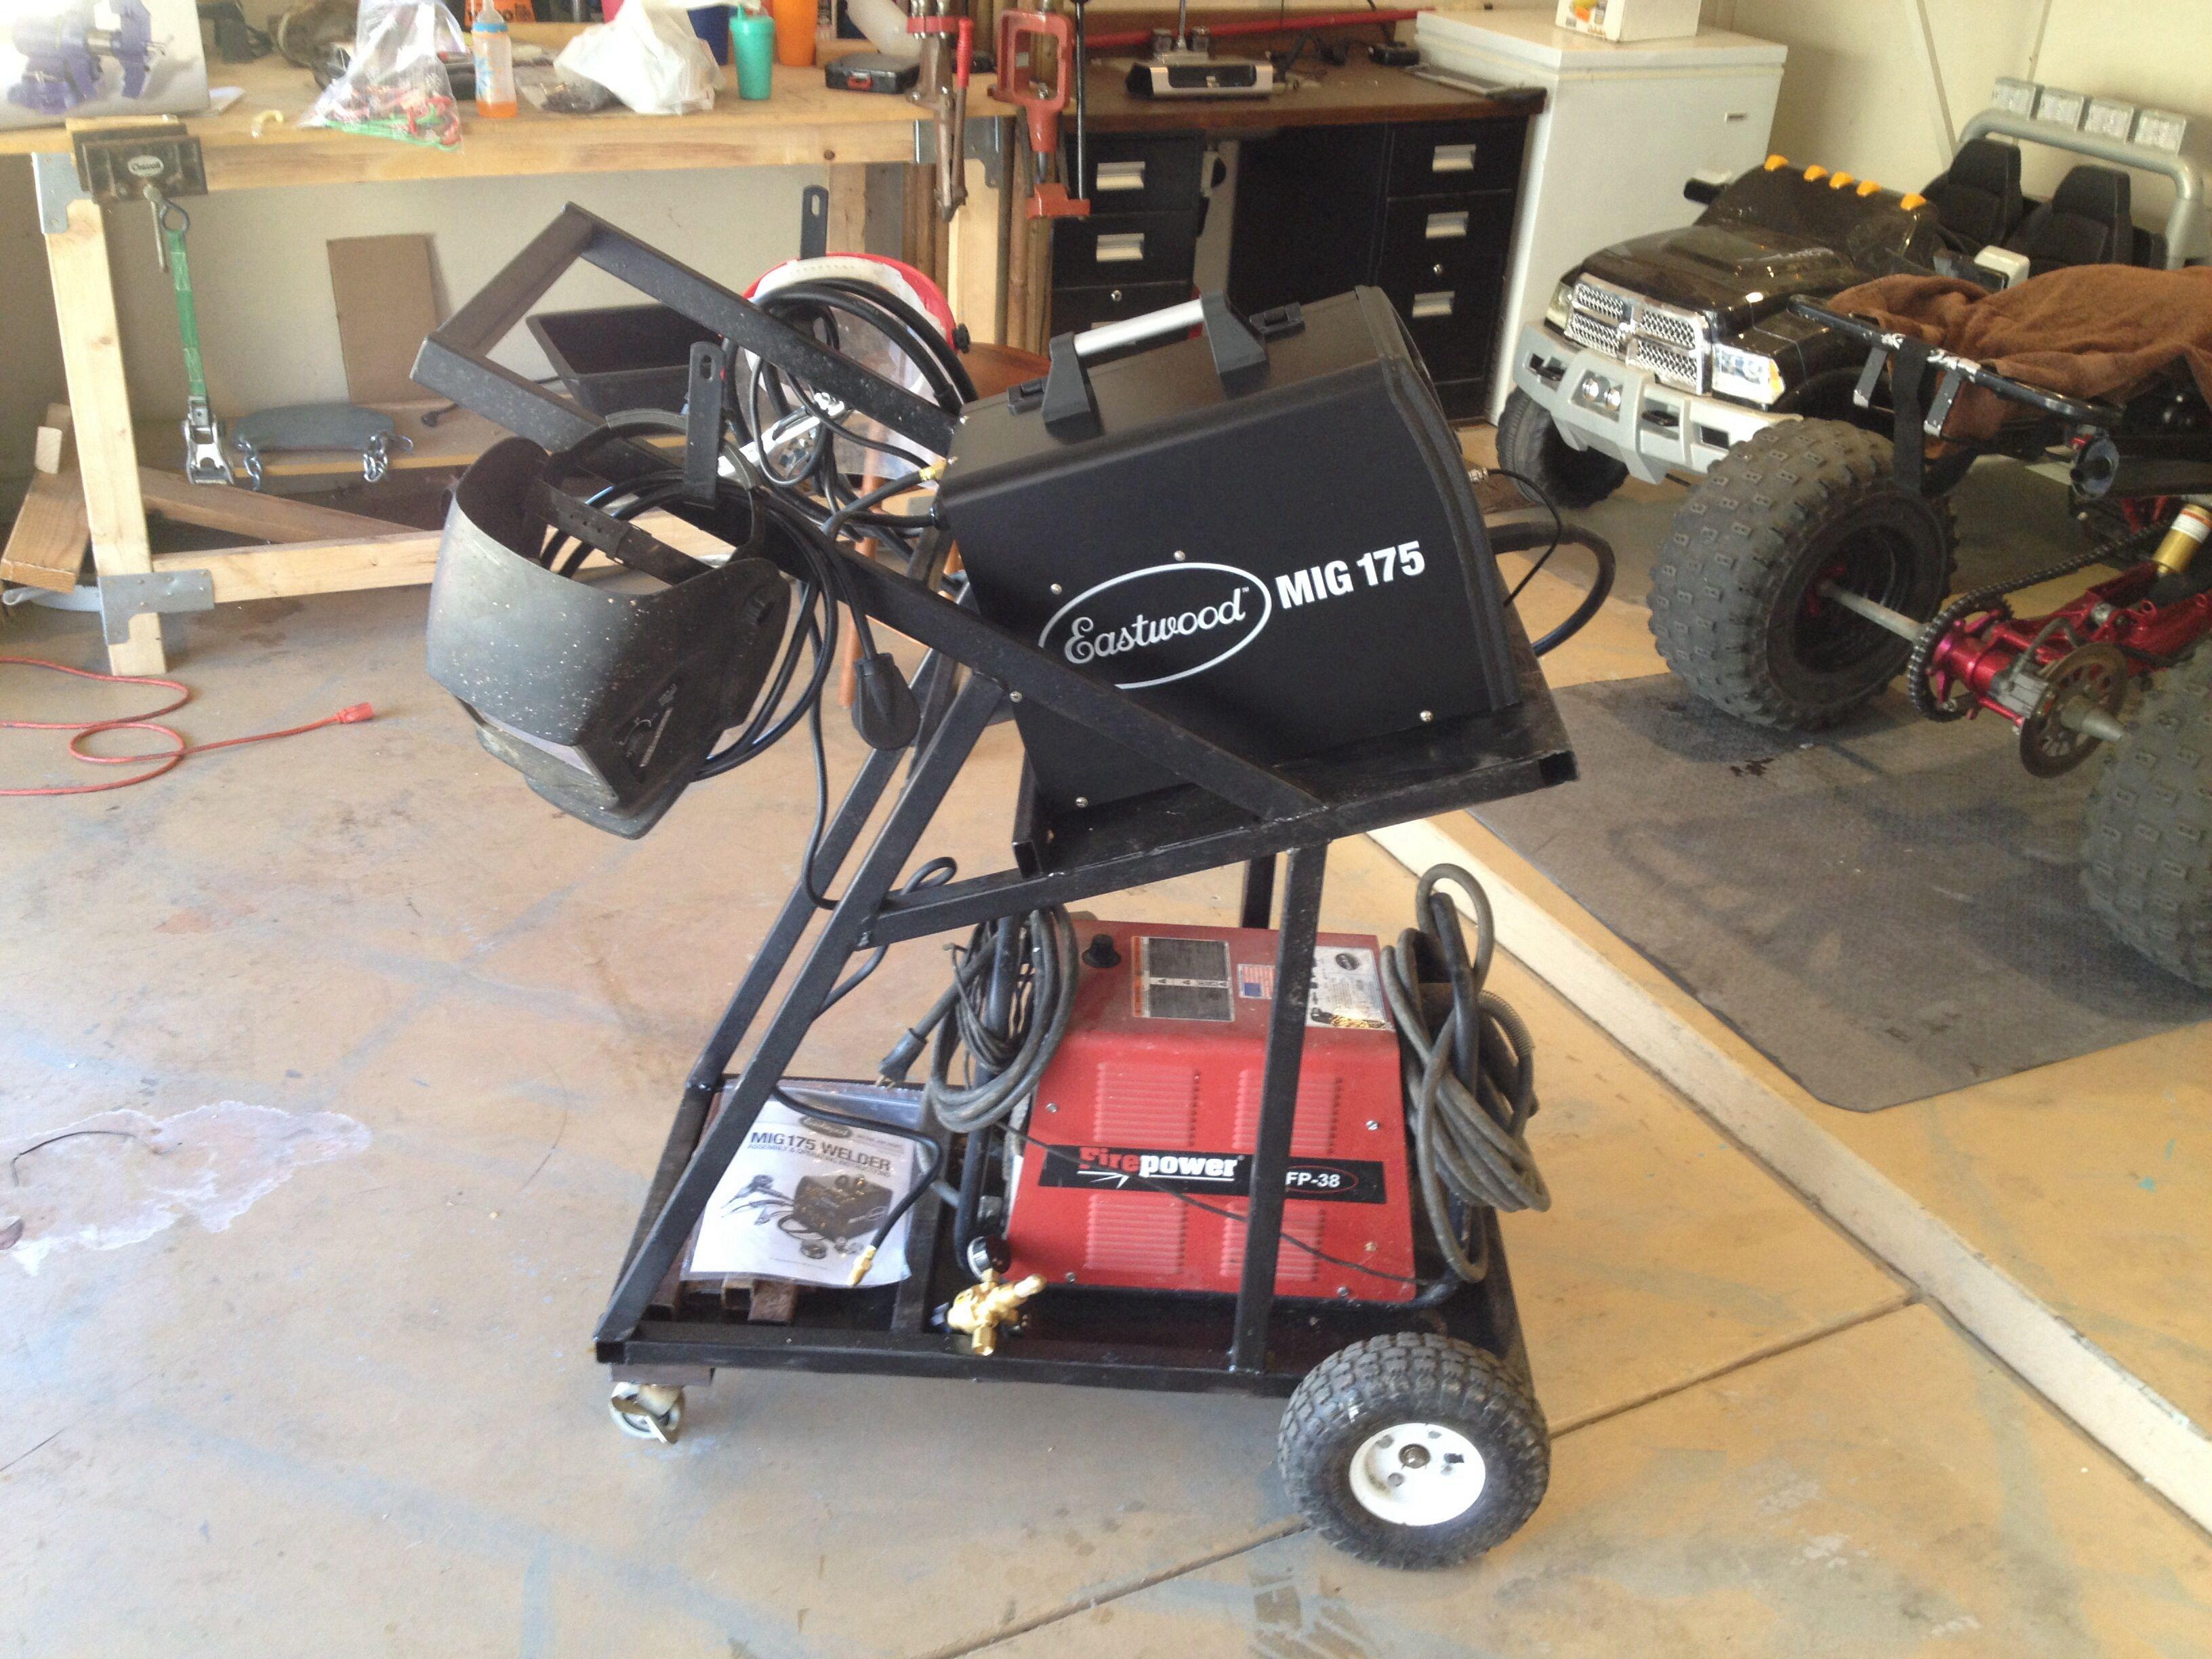 Homemade welderplasma cutter cart welding projects